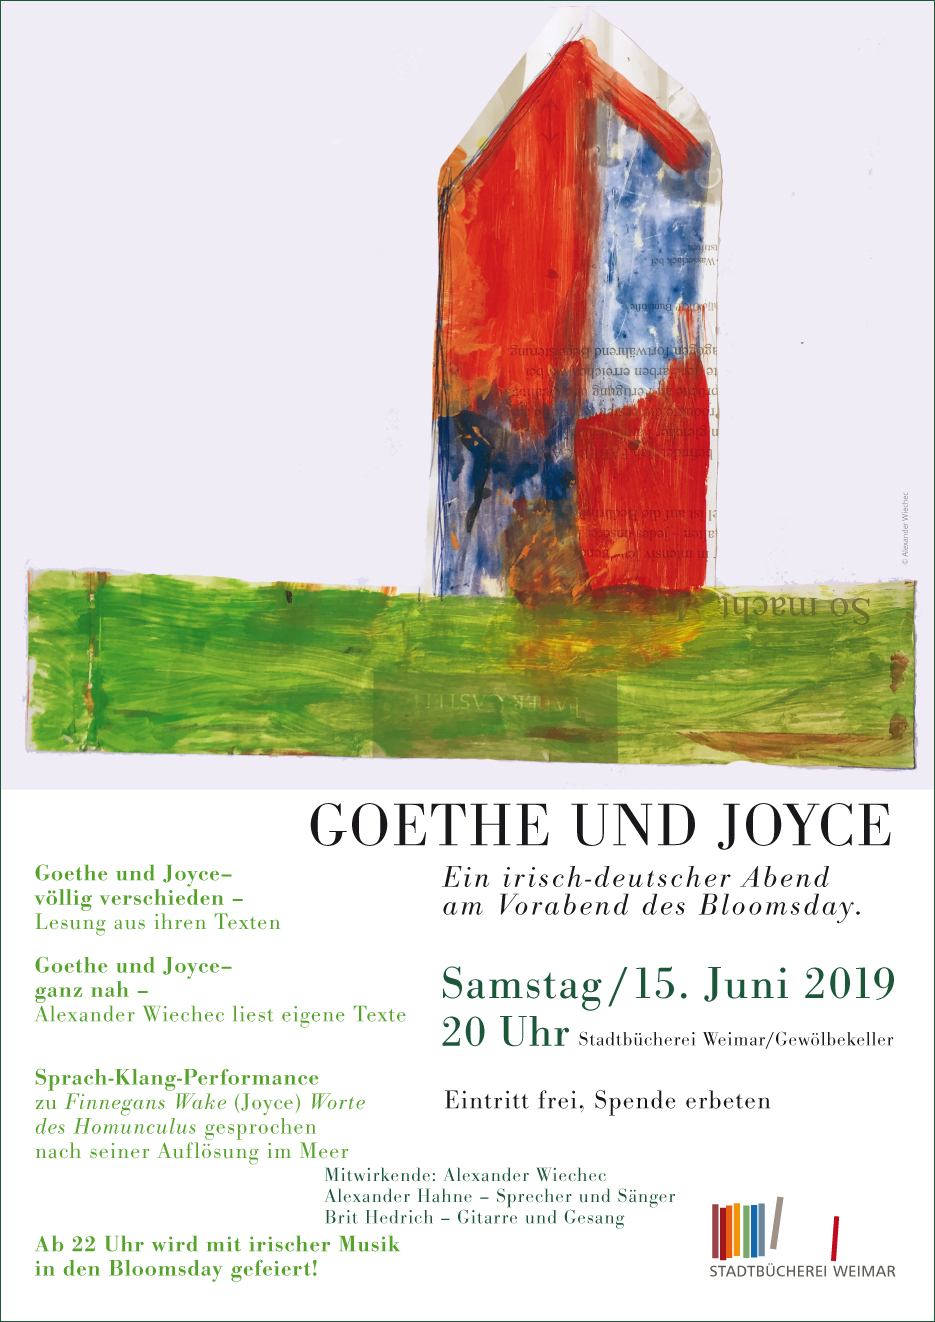 Goethe und Joyce